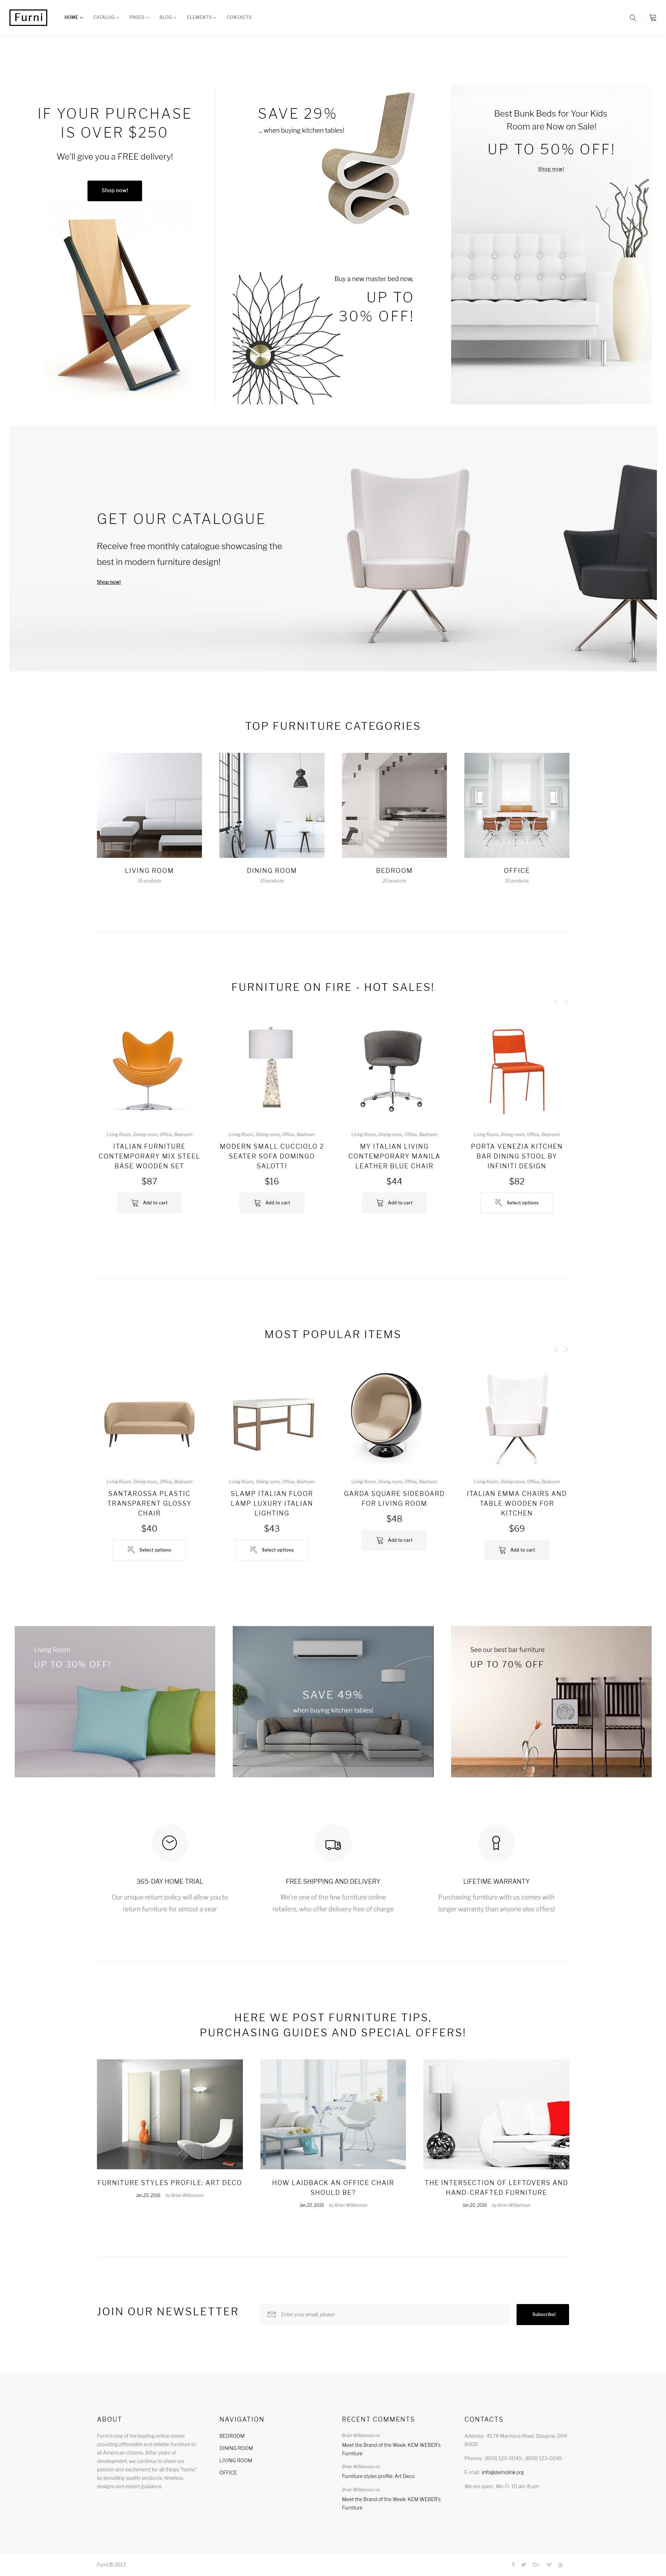 Furni - Furniture Store Multipage Template Web №62272